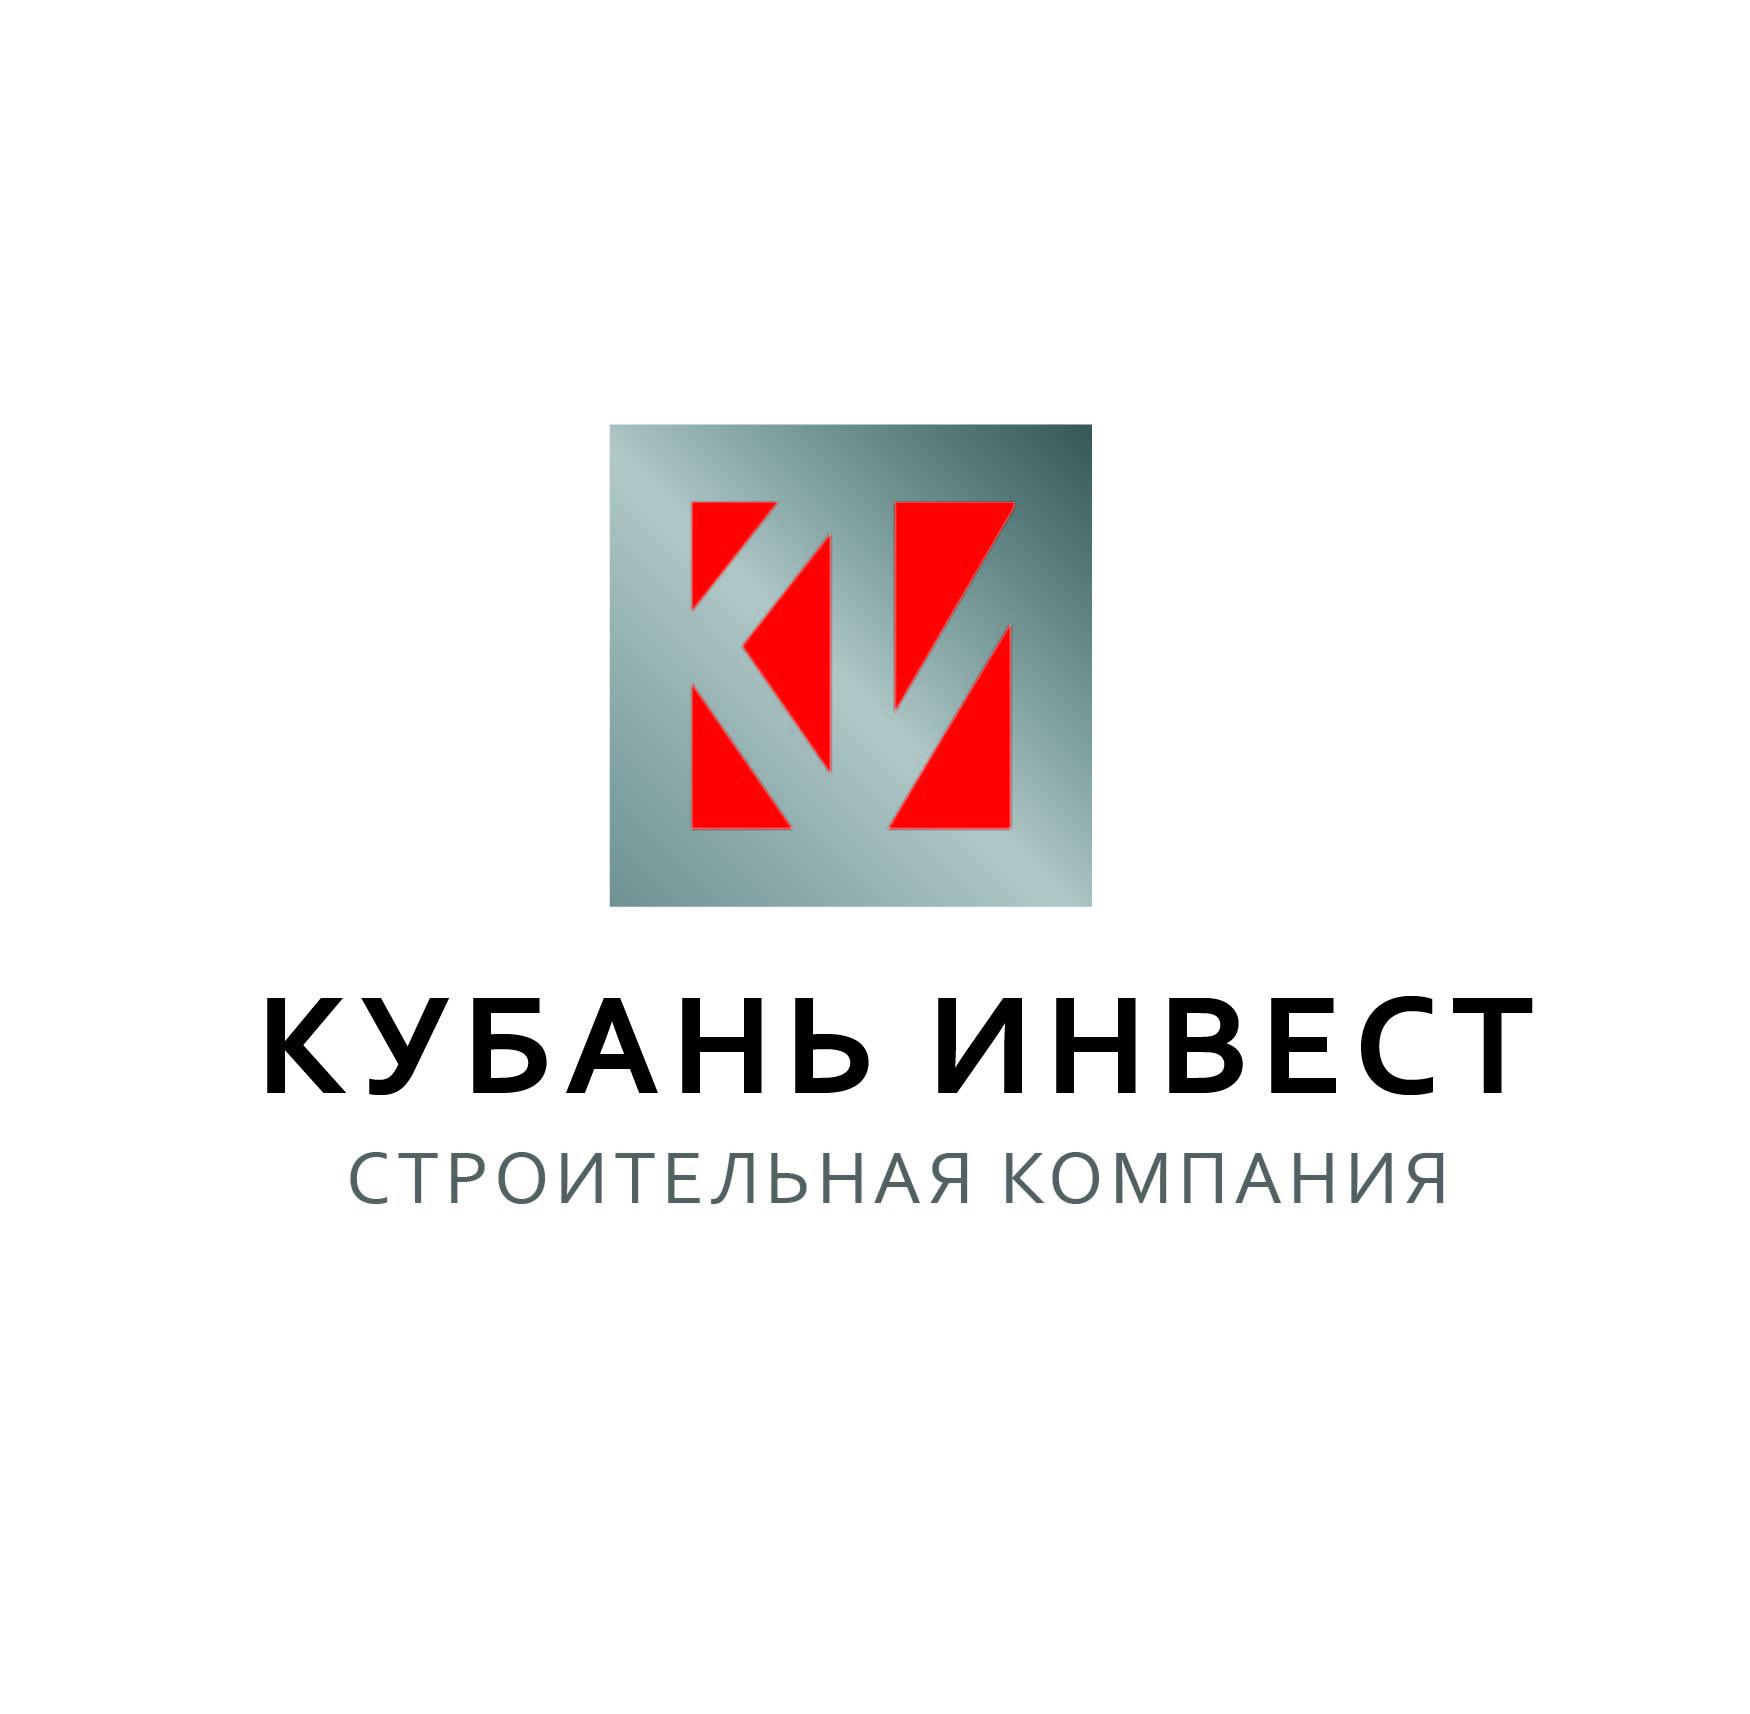 компания домашние деньги вакансии официальный сайт